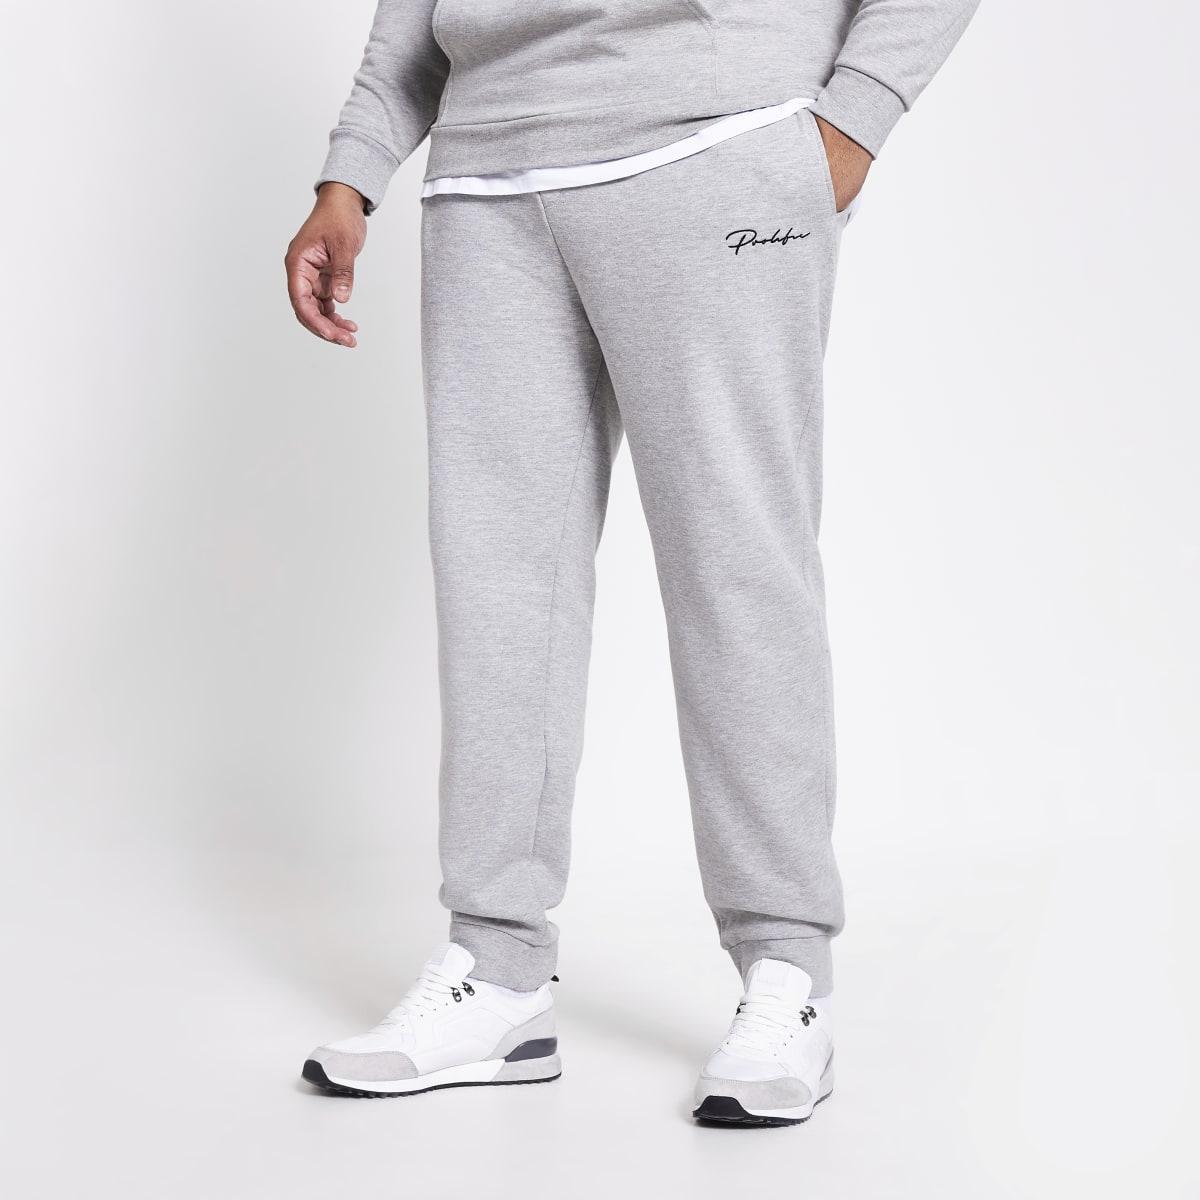 Big and Tall- Grijze slim-fit joggingbroek met Prolific-print